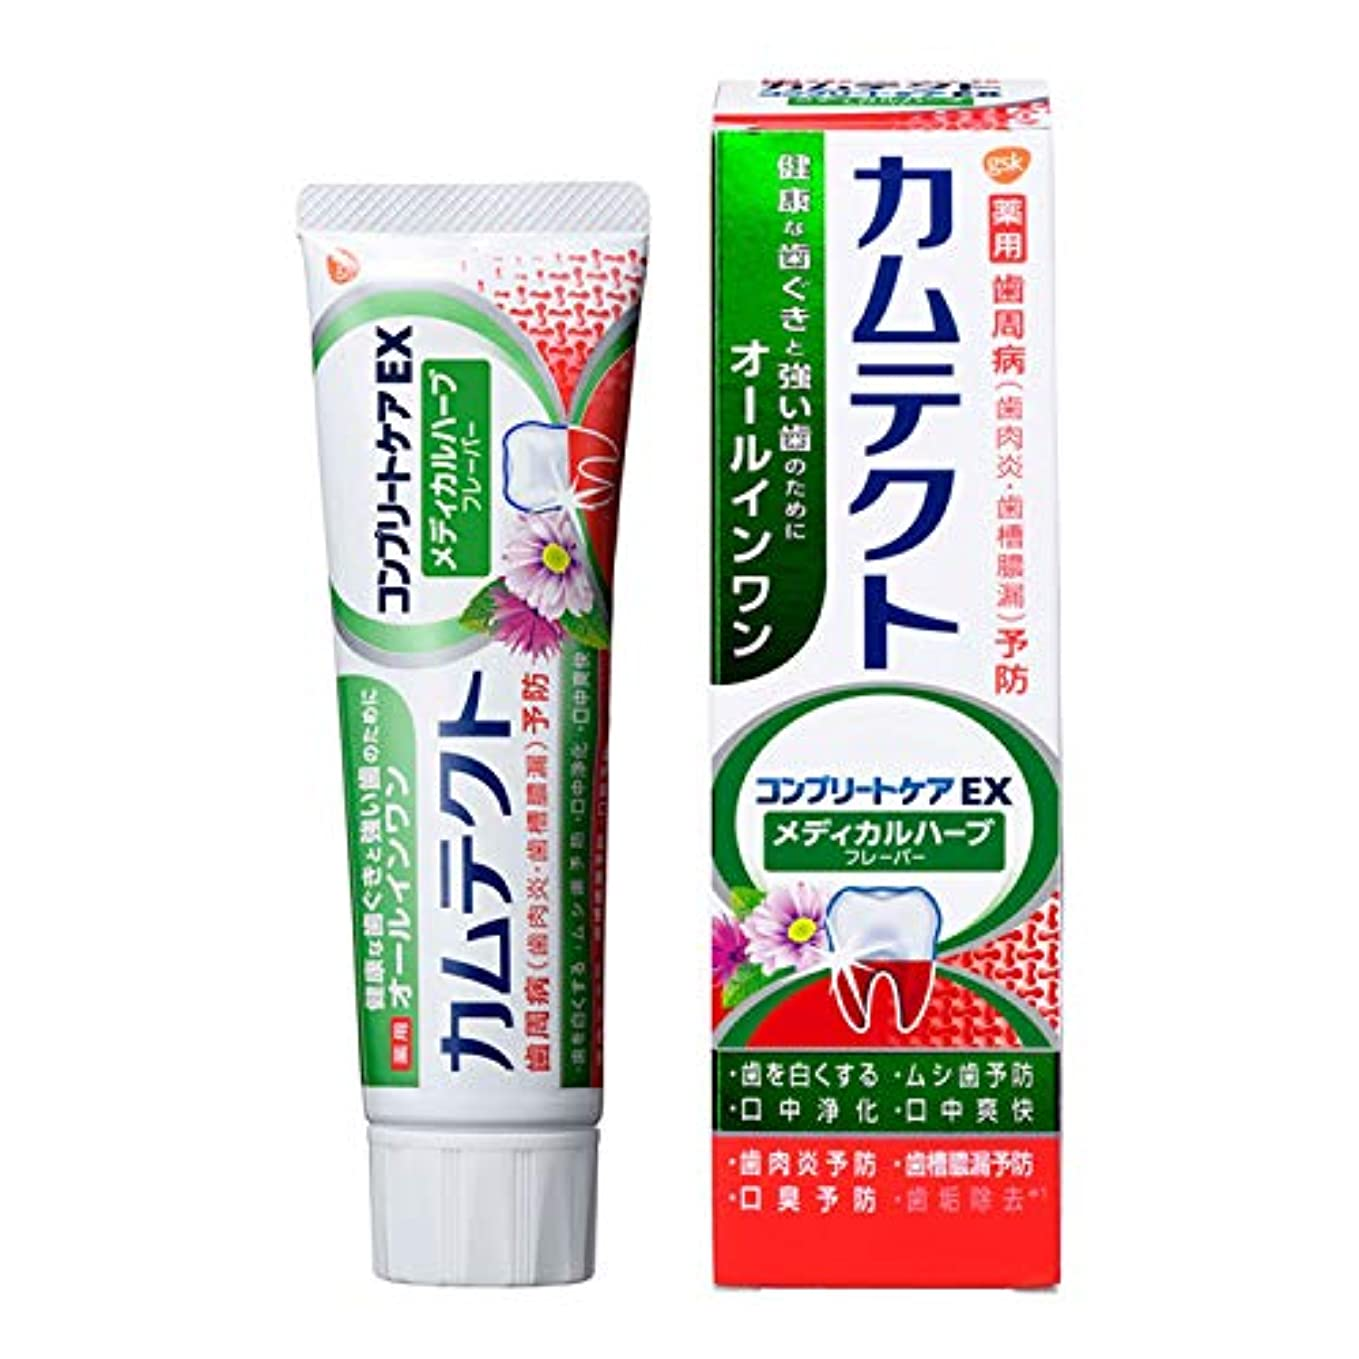 消化器積極的に画面[医薬部外品] カムテクト コンプリートケアEX メディカルハーブフレーバー 歯磨き粉 105g 1個